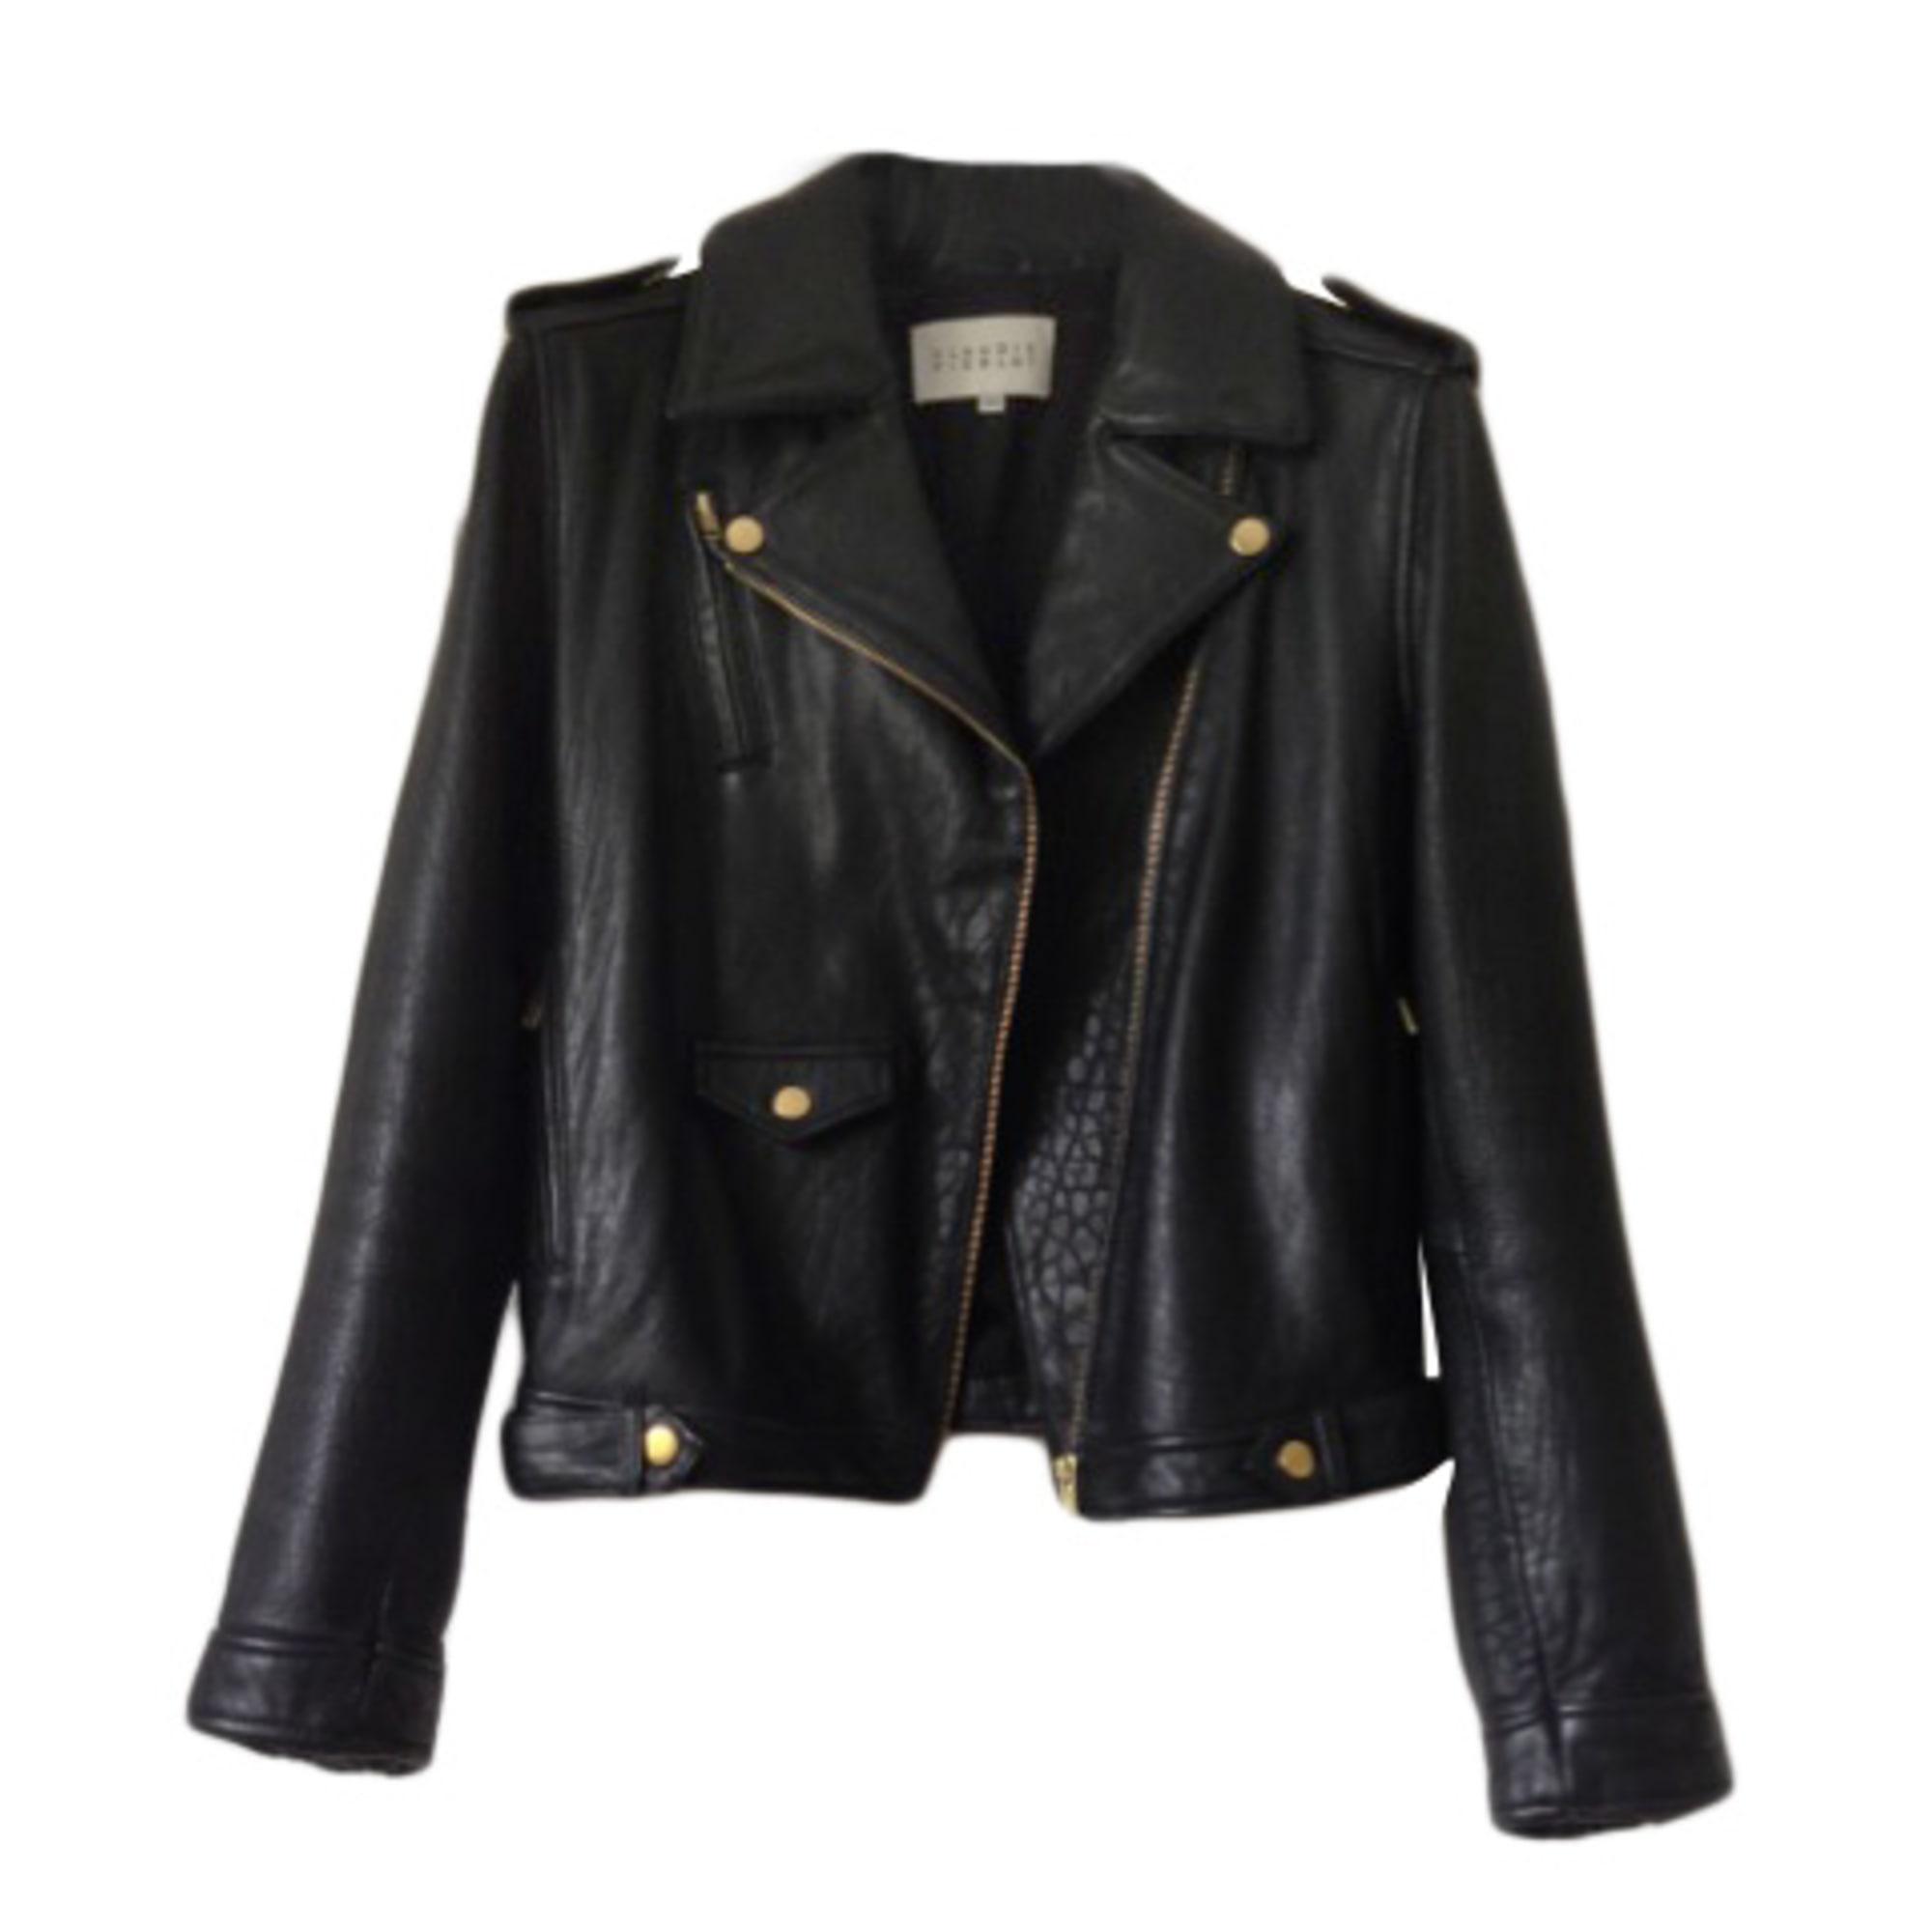 69b60259241e2 Blouson en cuir CLAUDIE PIERLOT 36 (S, T1) noir vendu par ...